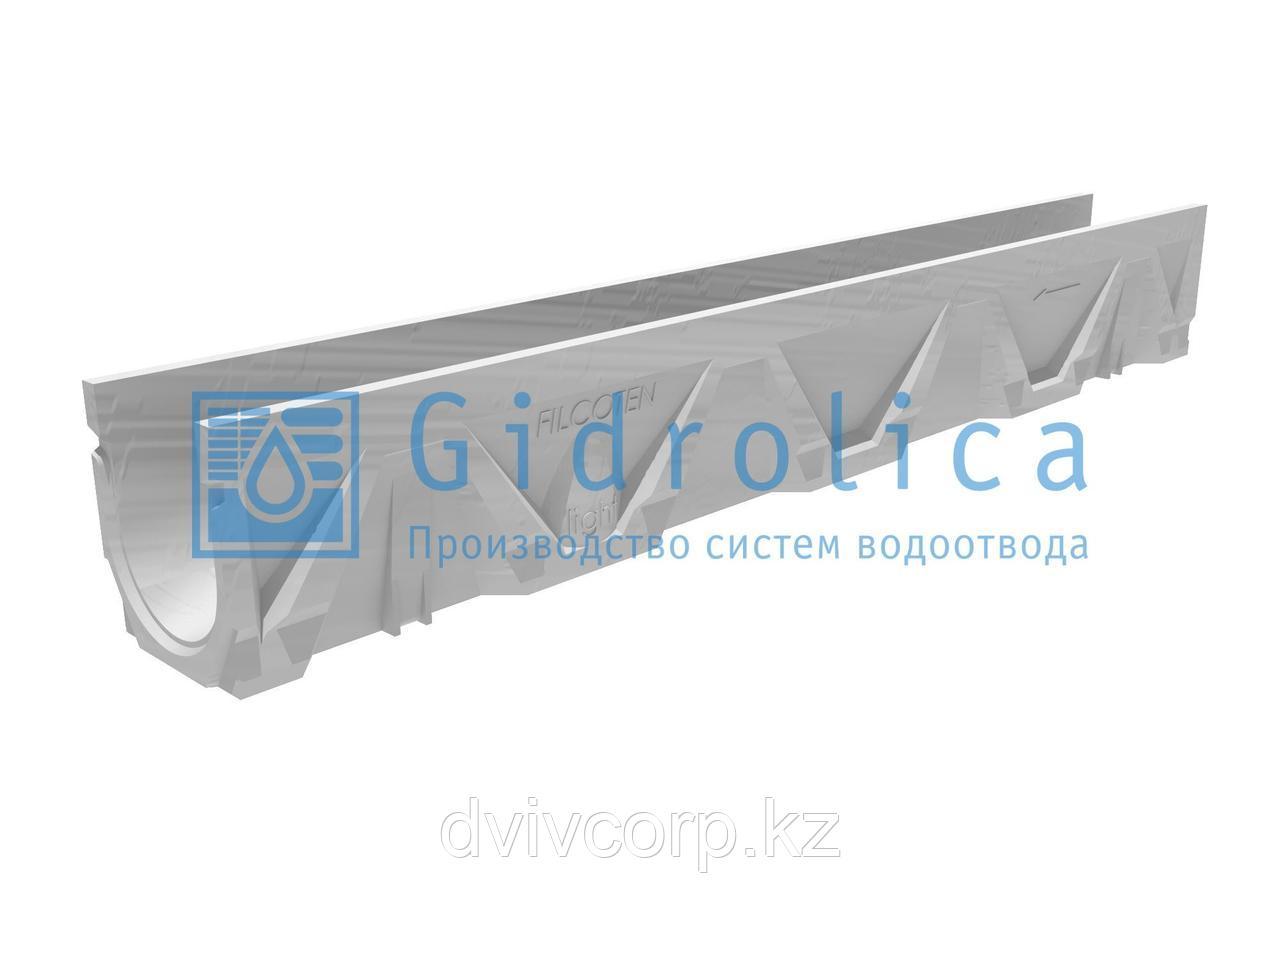 Лоток композитбетонный Filcoten DN100, №5-0